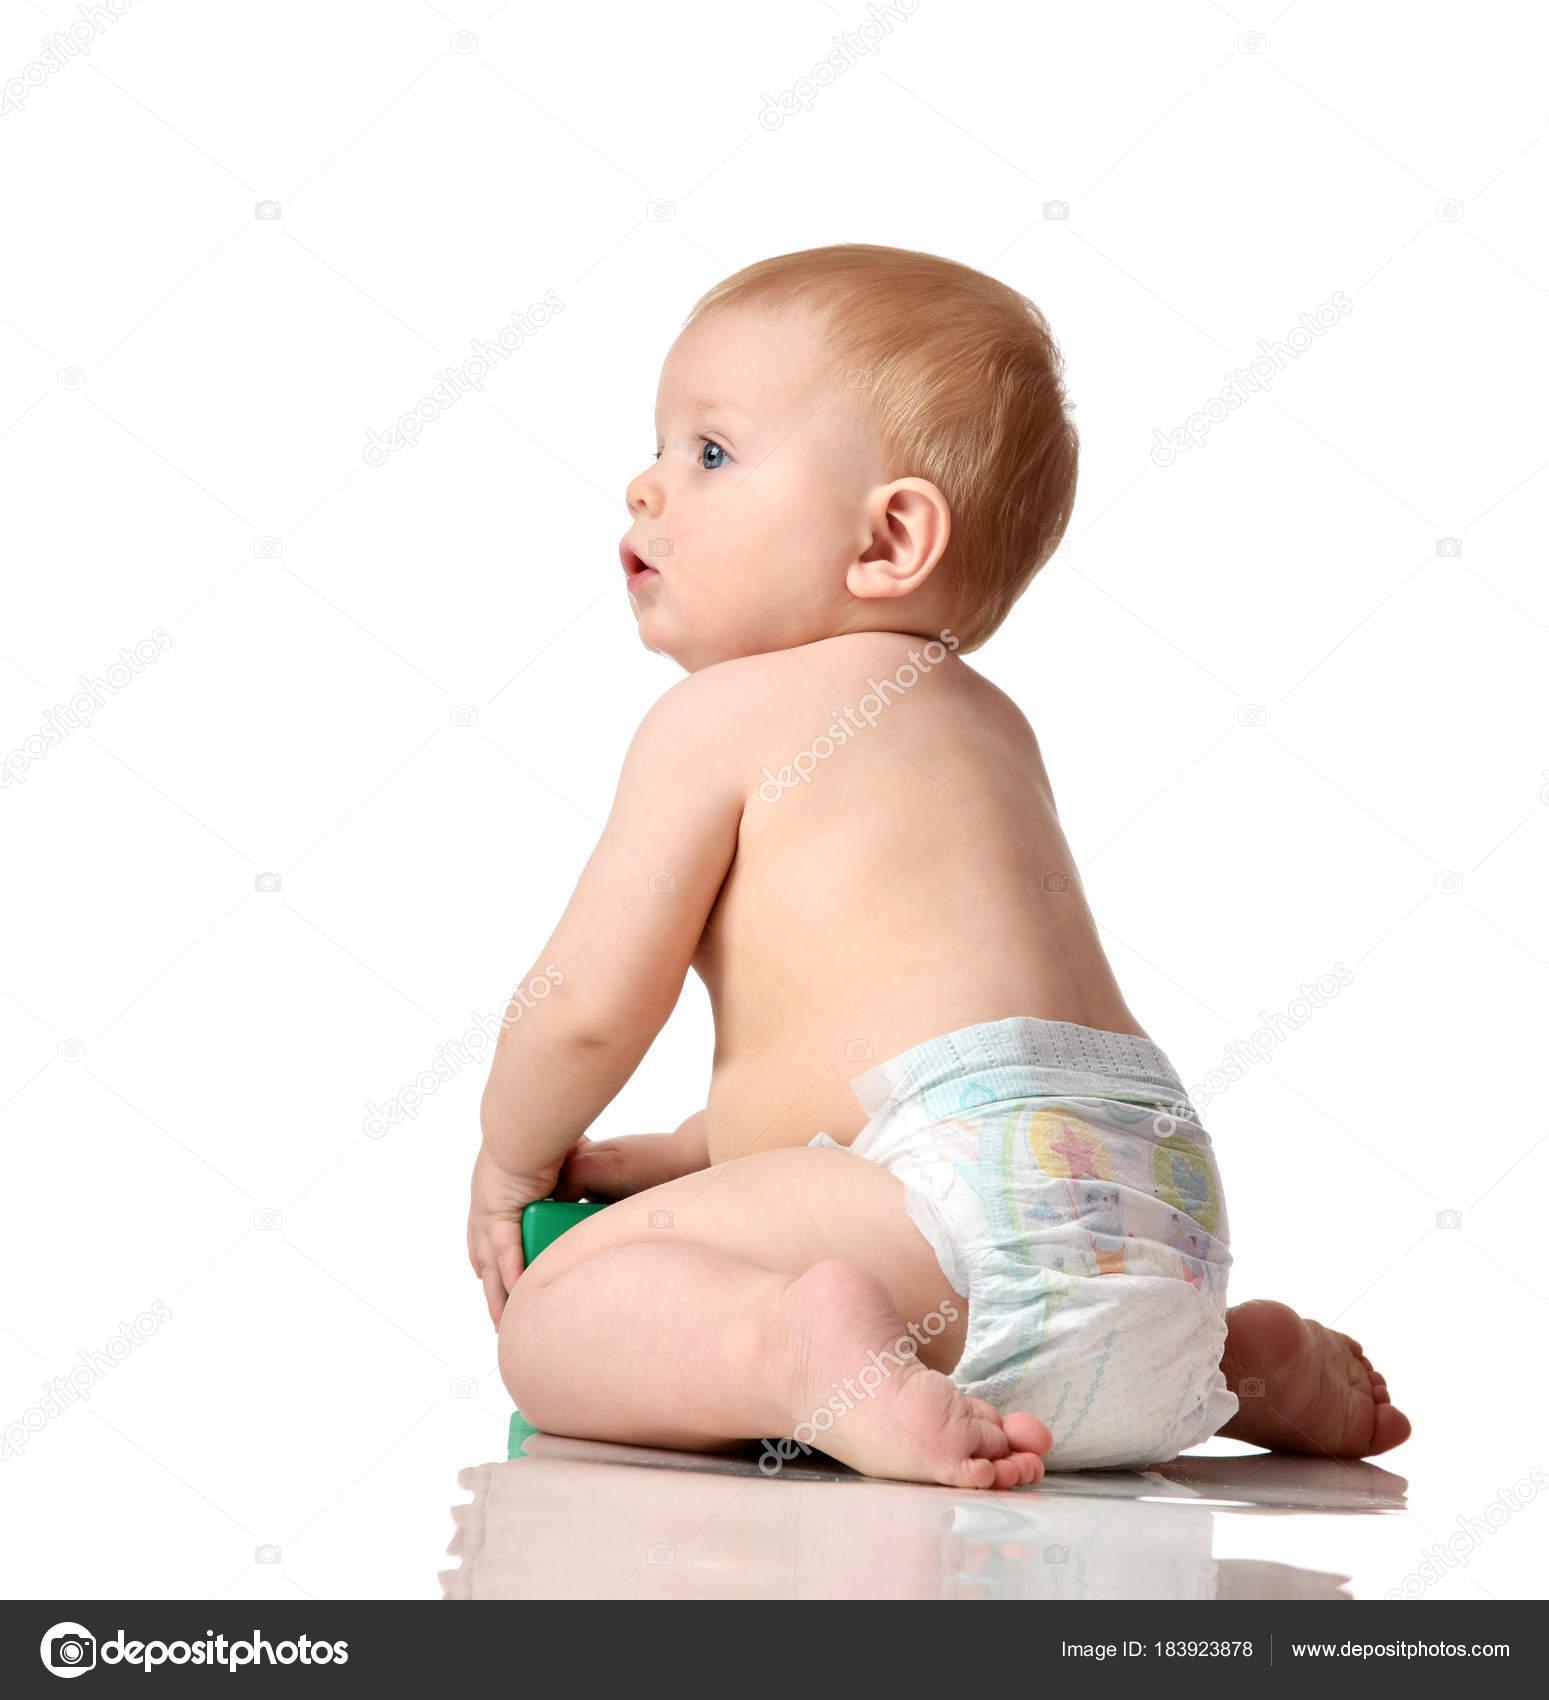 557d58ae79428 Jeune enfant bébé garçon jeune enfant assis nu en couches avec jouet de  brique verte en levant– images de stock libres de droits